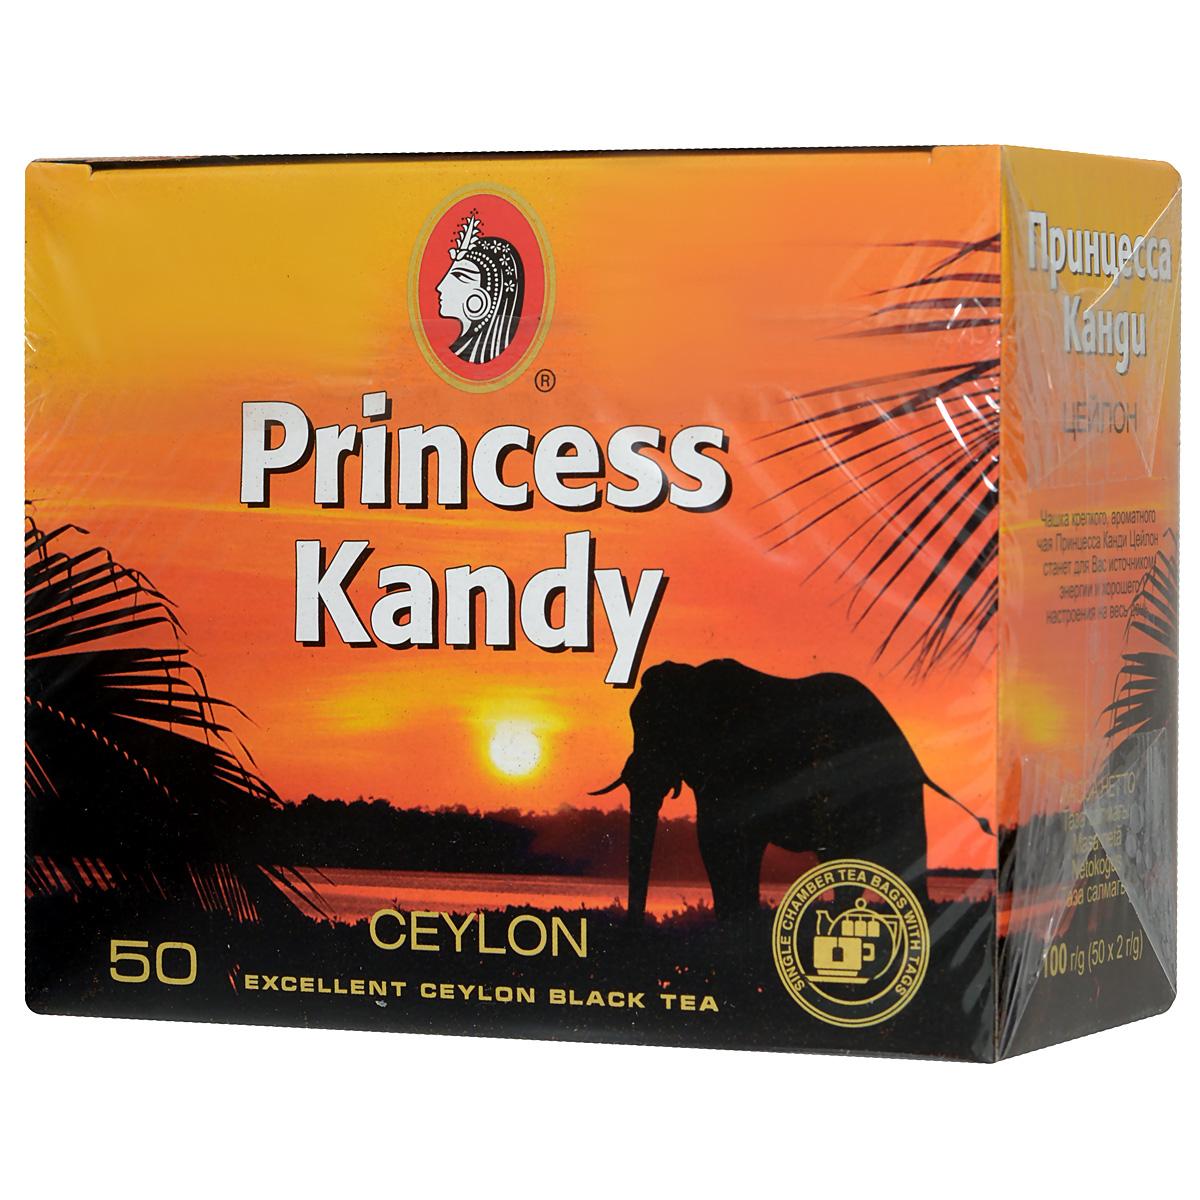 Принцесса Канди Цейлон черный чай в пакетиках, 50 шт0299-32Чашка крепкого, ароматного чая Принцесса Канди Цейлон станет для вас источником энергии и хорошего настроения на весь день. Чай обладает насыщенным, терпким вкусом, ярким ароматом и насыщенным цветом настоя. Он быстро заваривается и обладает активным тонизирующим действием.